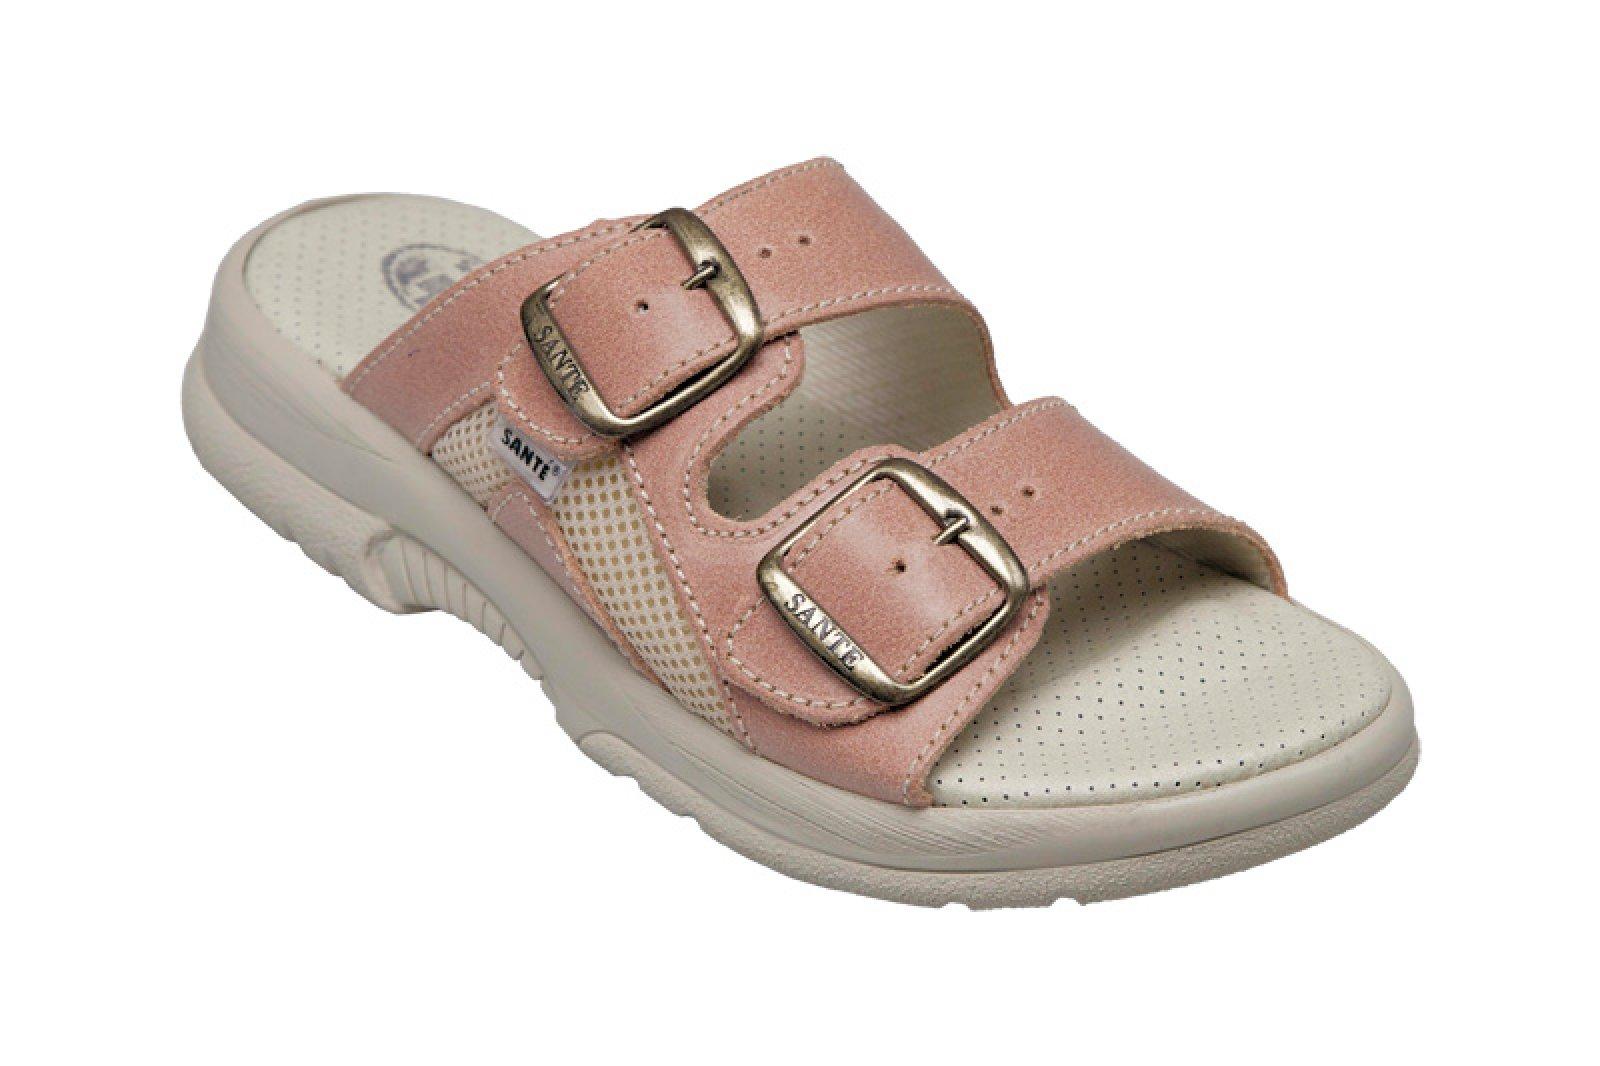 6af120a1e8c dámské pantofle Santé 517 31 lososové - KARS